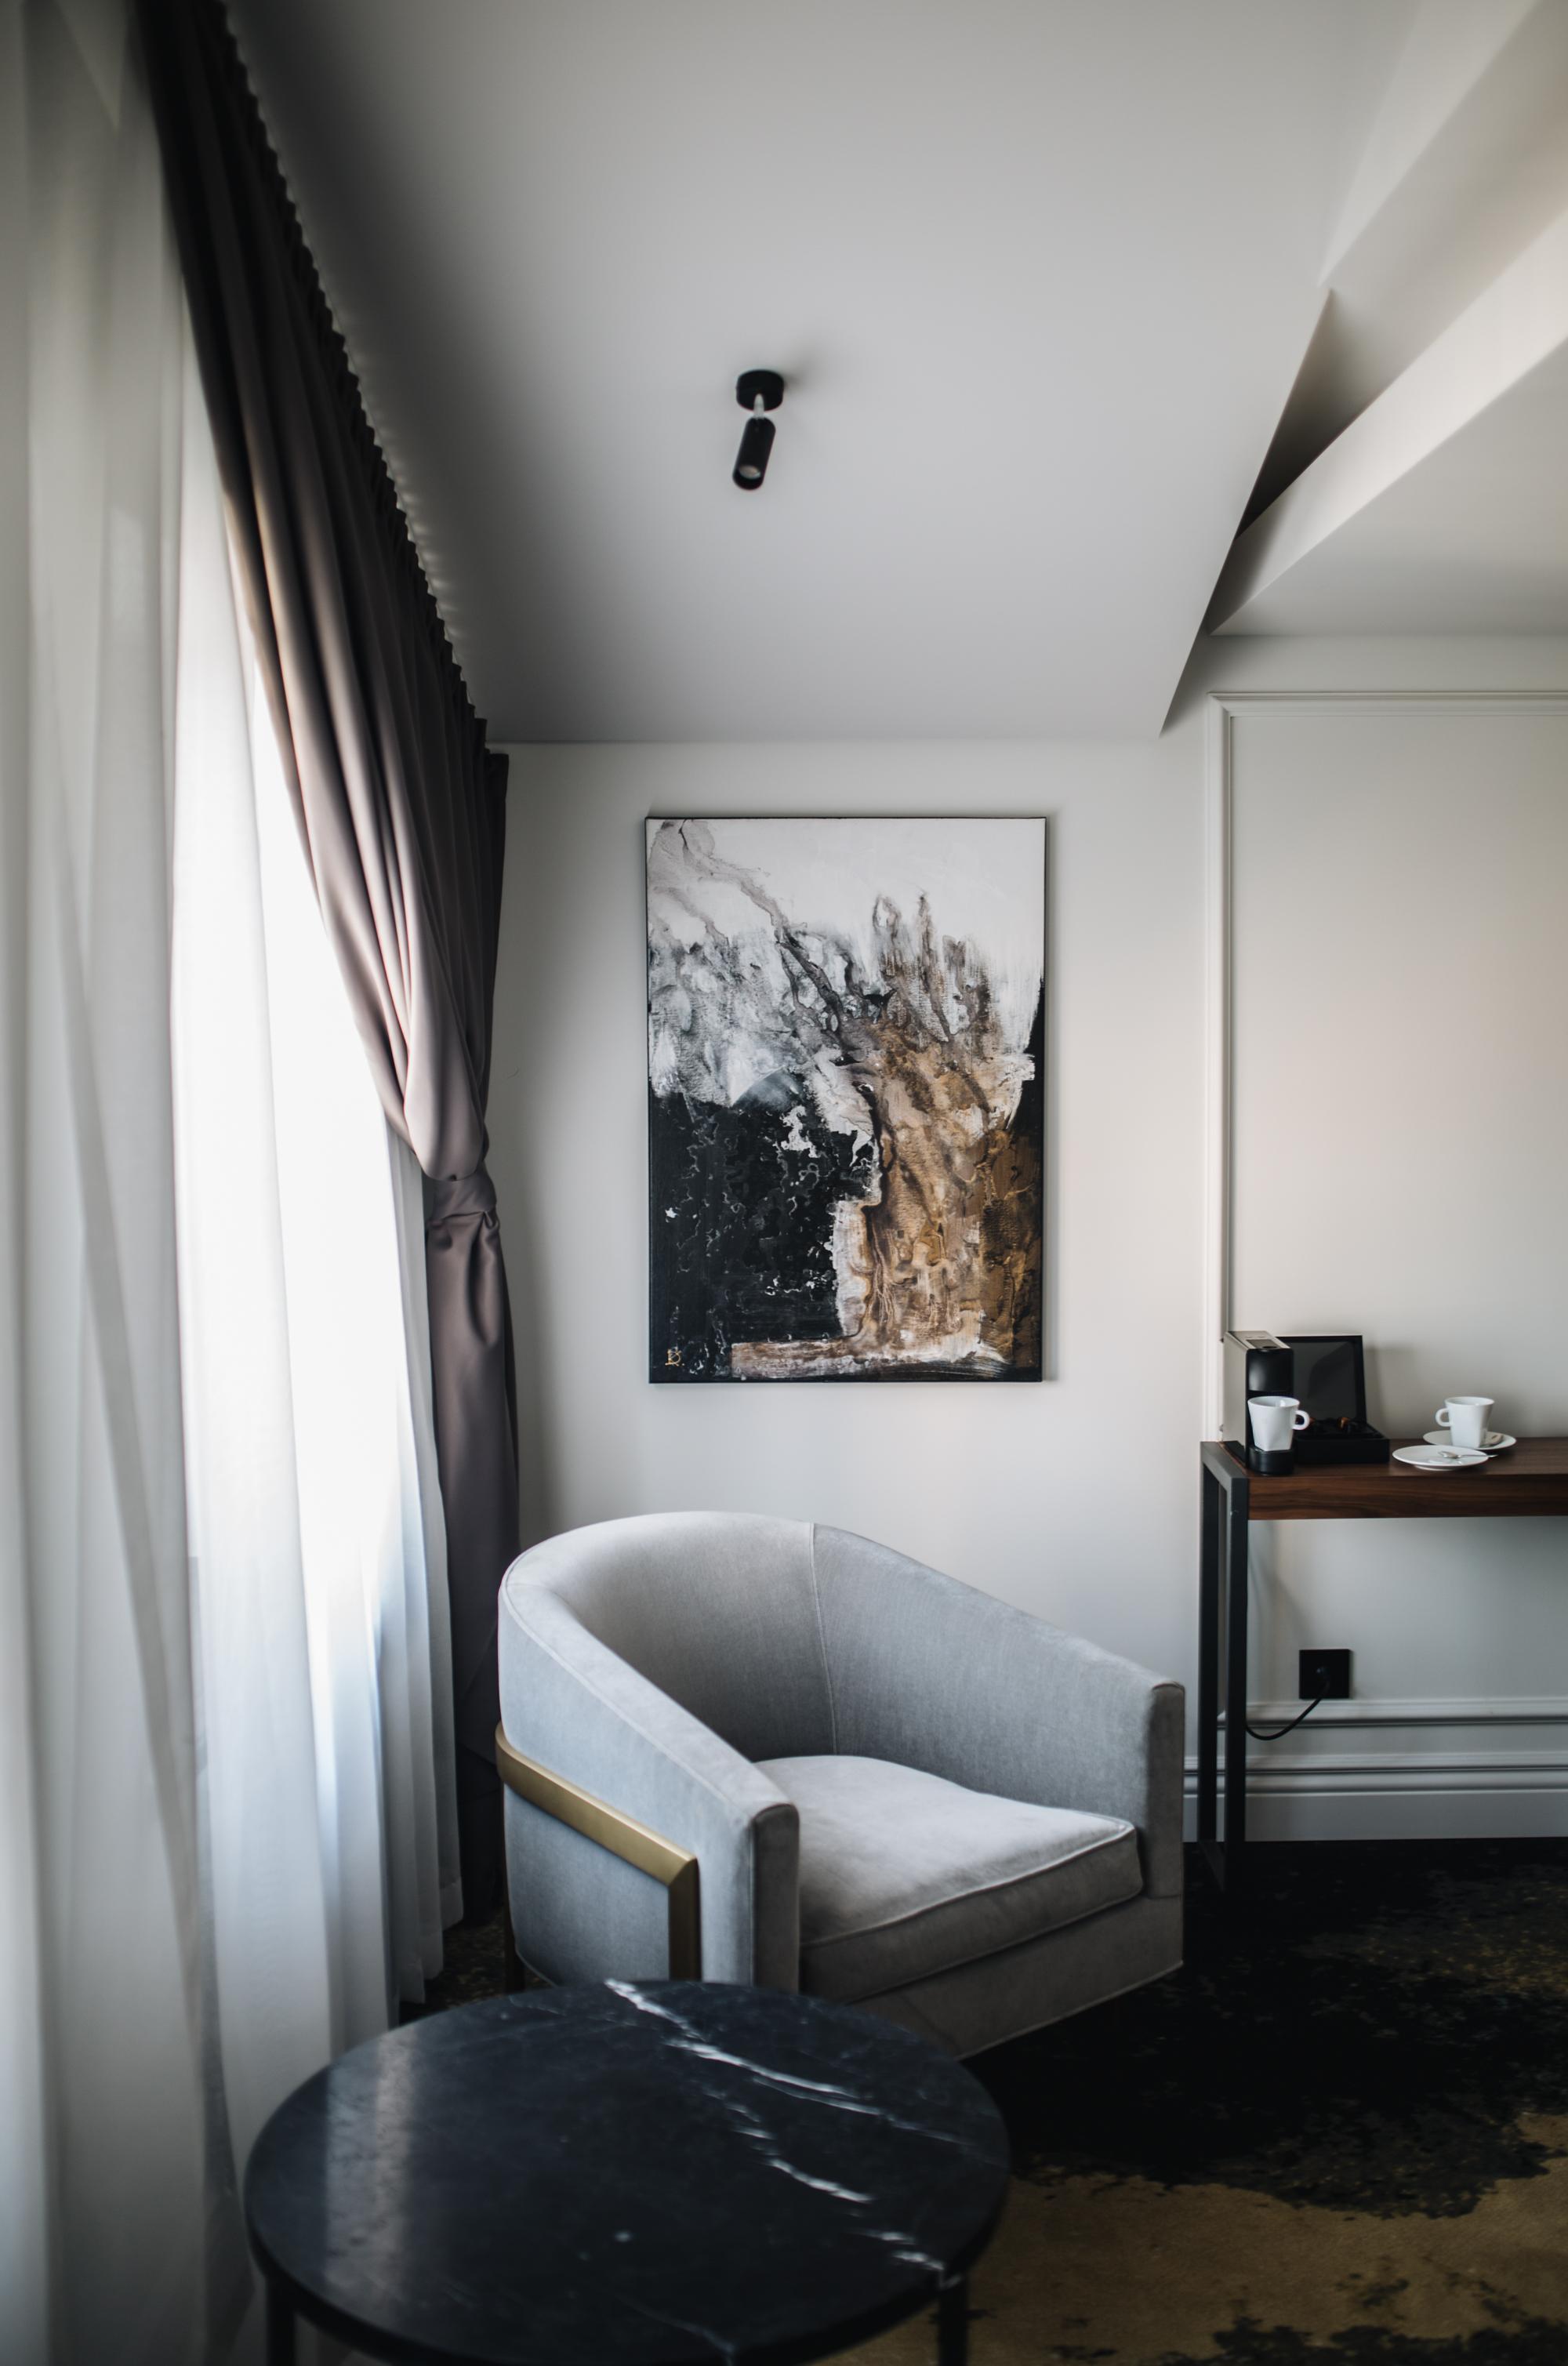 Zimmer 419. Hotel Pacai. Vilnius.